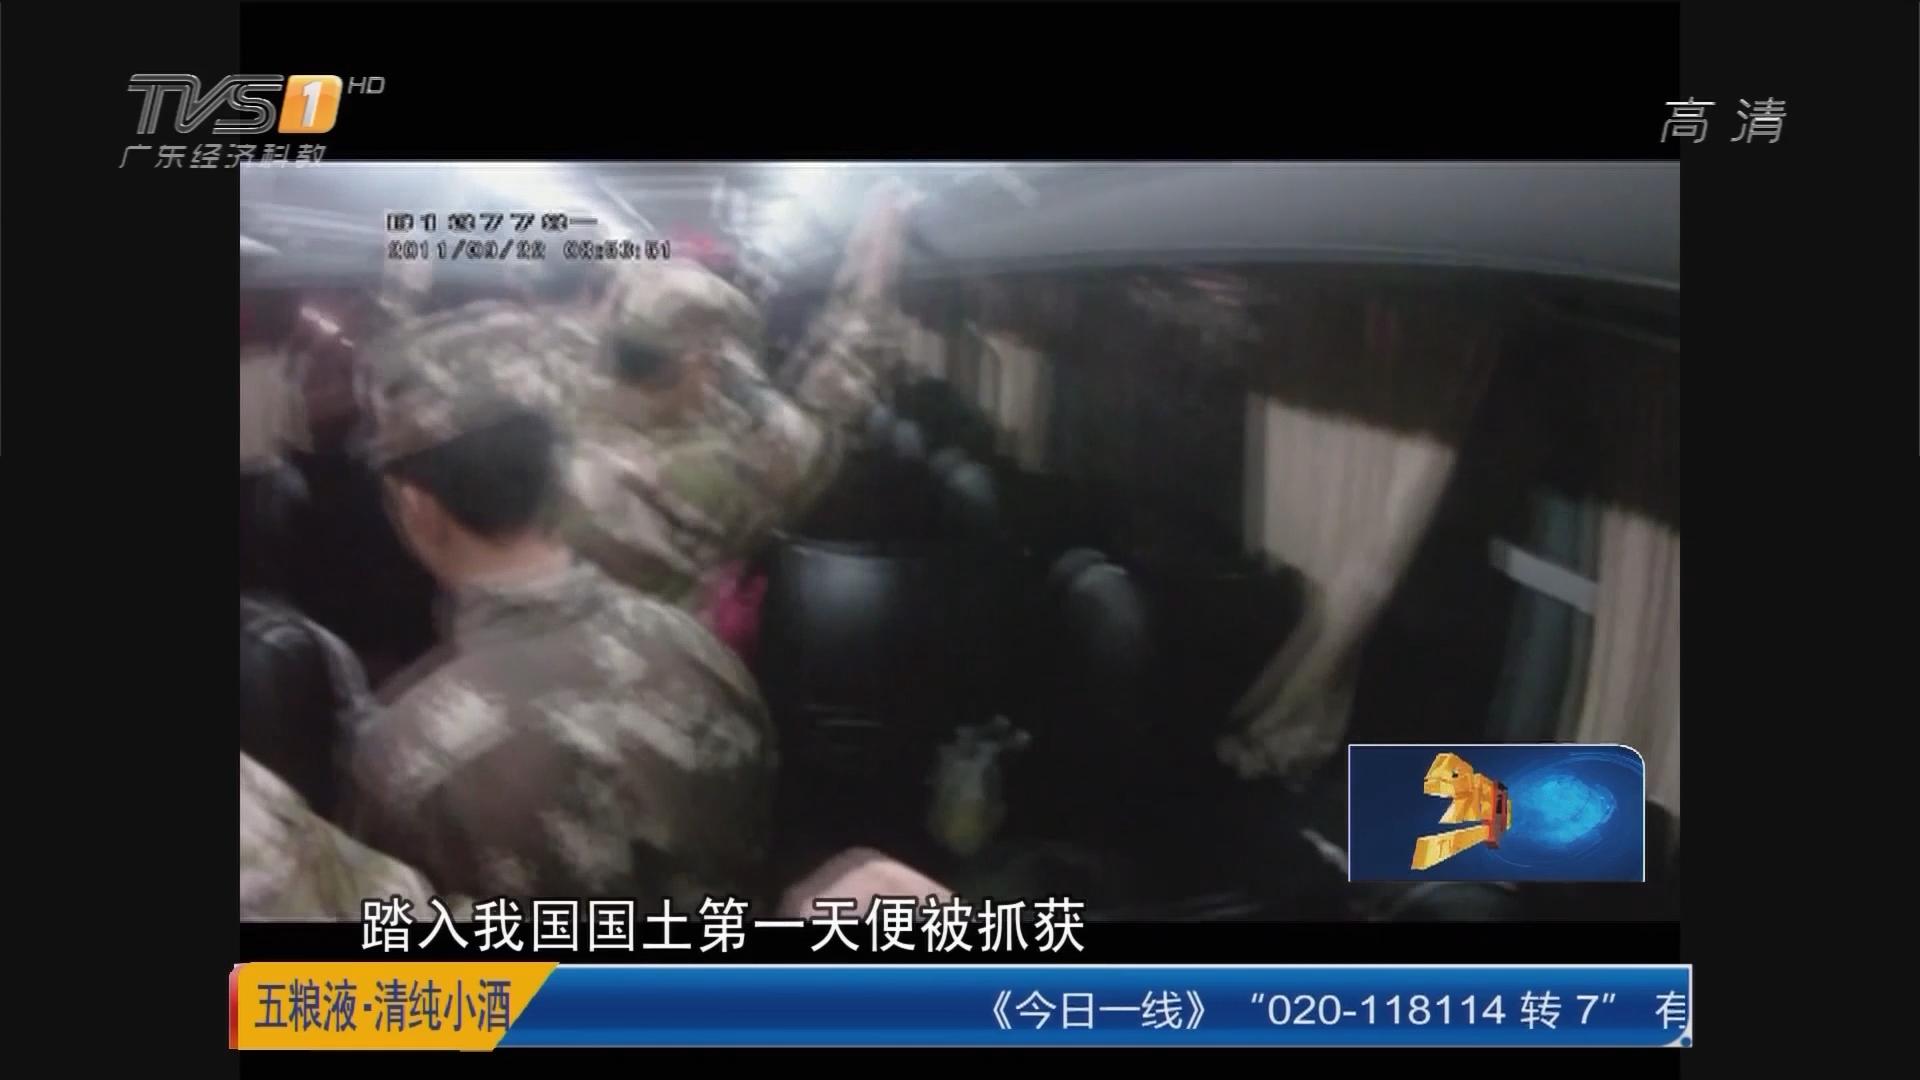 江门:49名东南亚籍人员 涉偷渡被抓